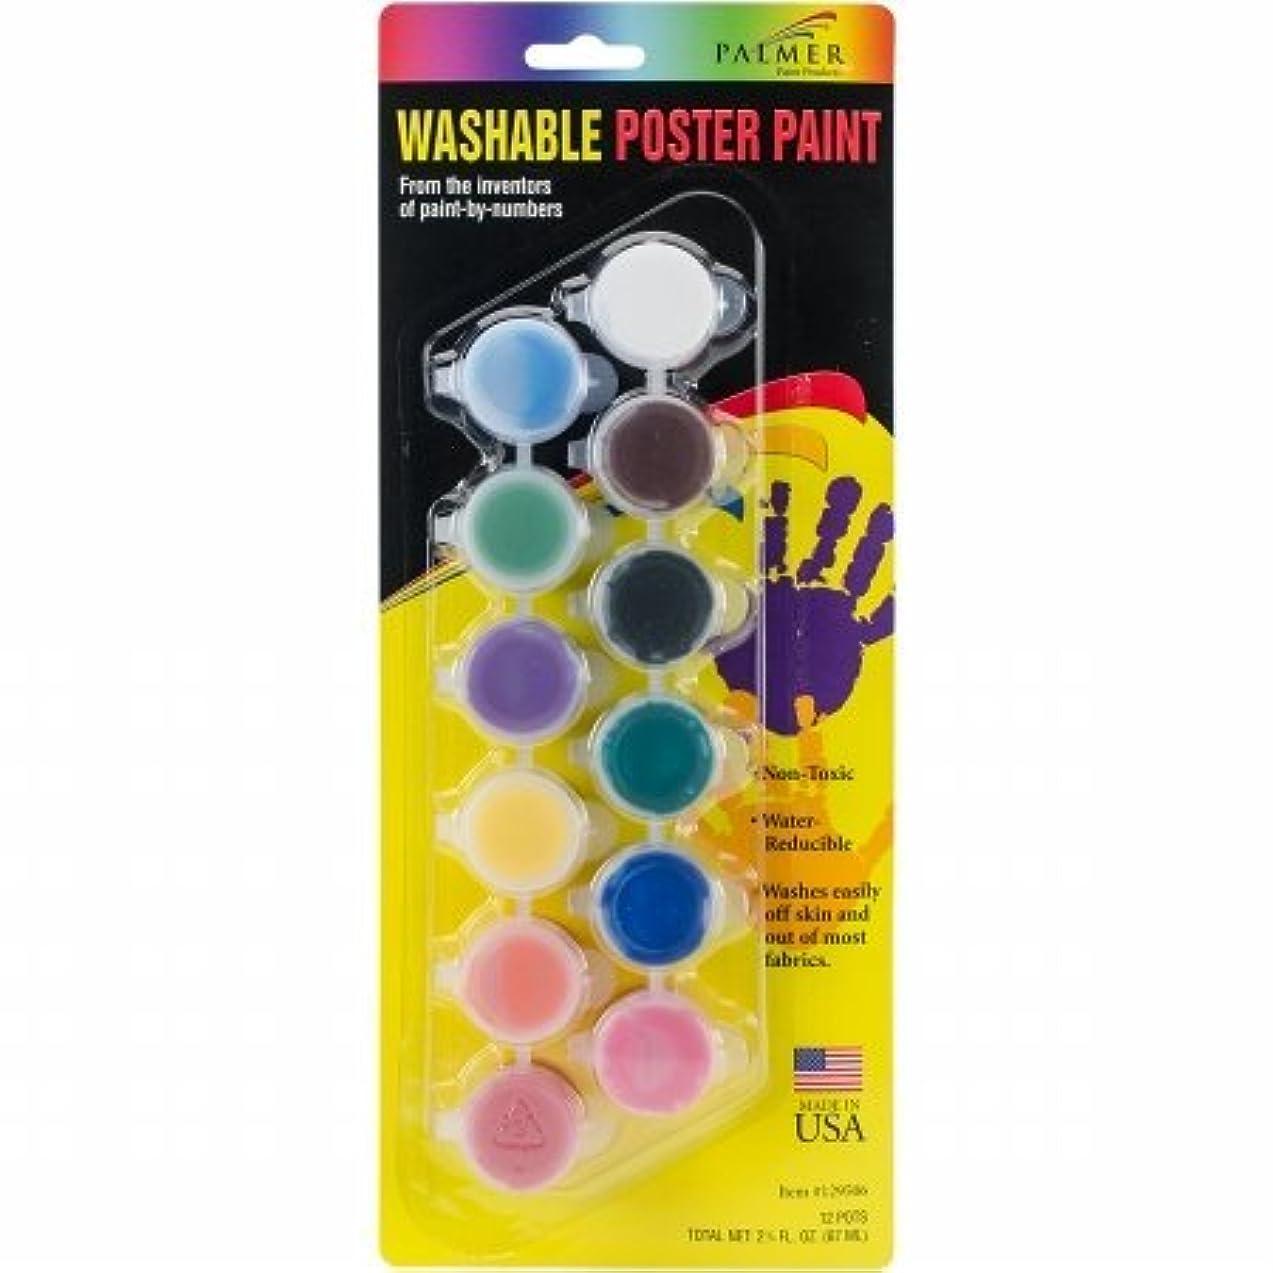 Palmer 16650-6 Pastel Washable Poster Paint Pots, 2.25 oz, Multicolor